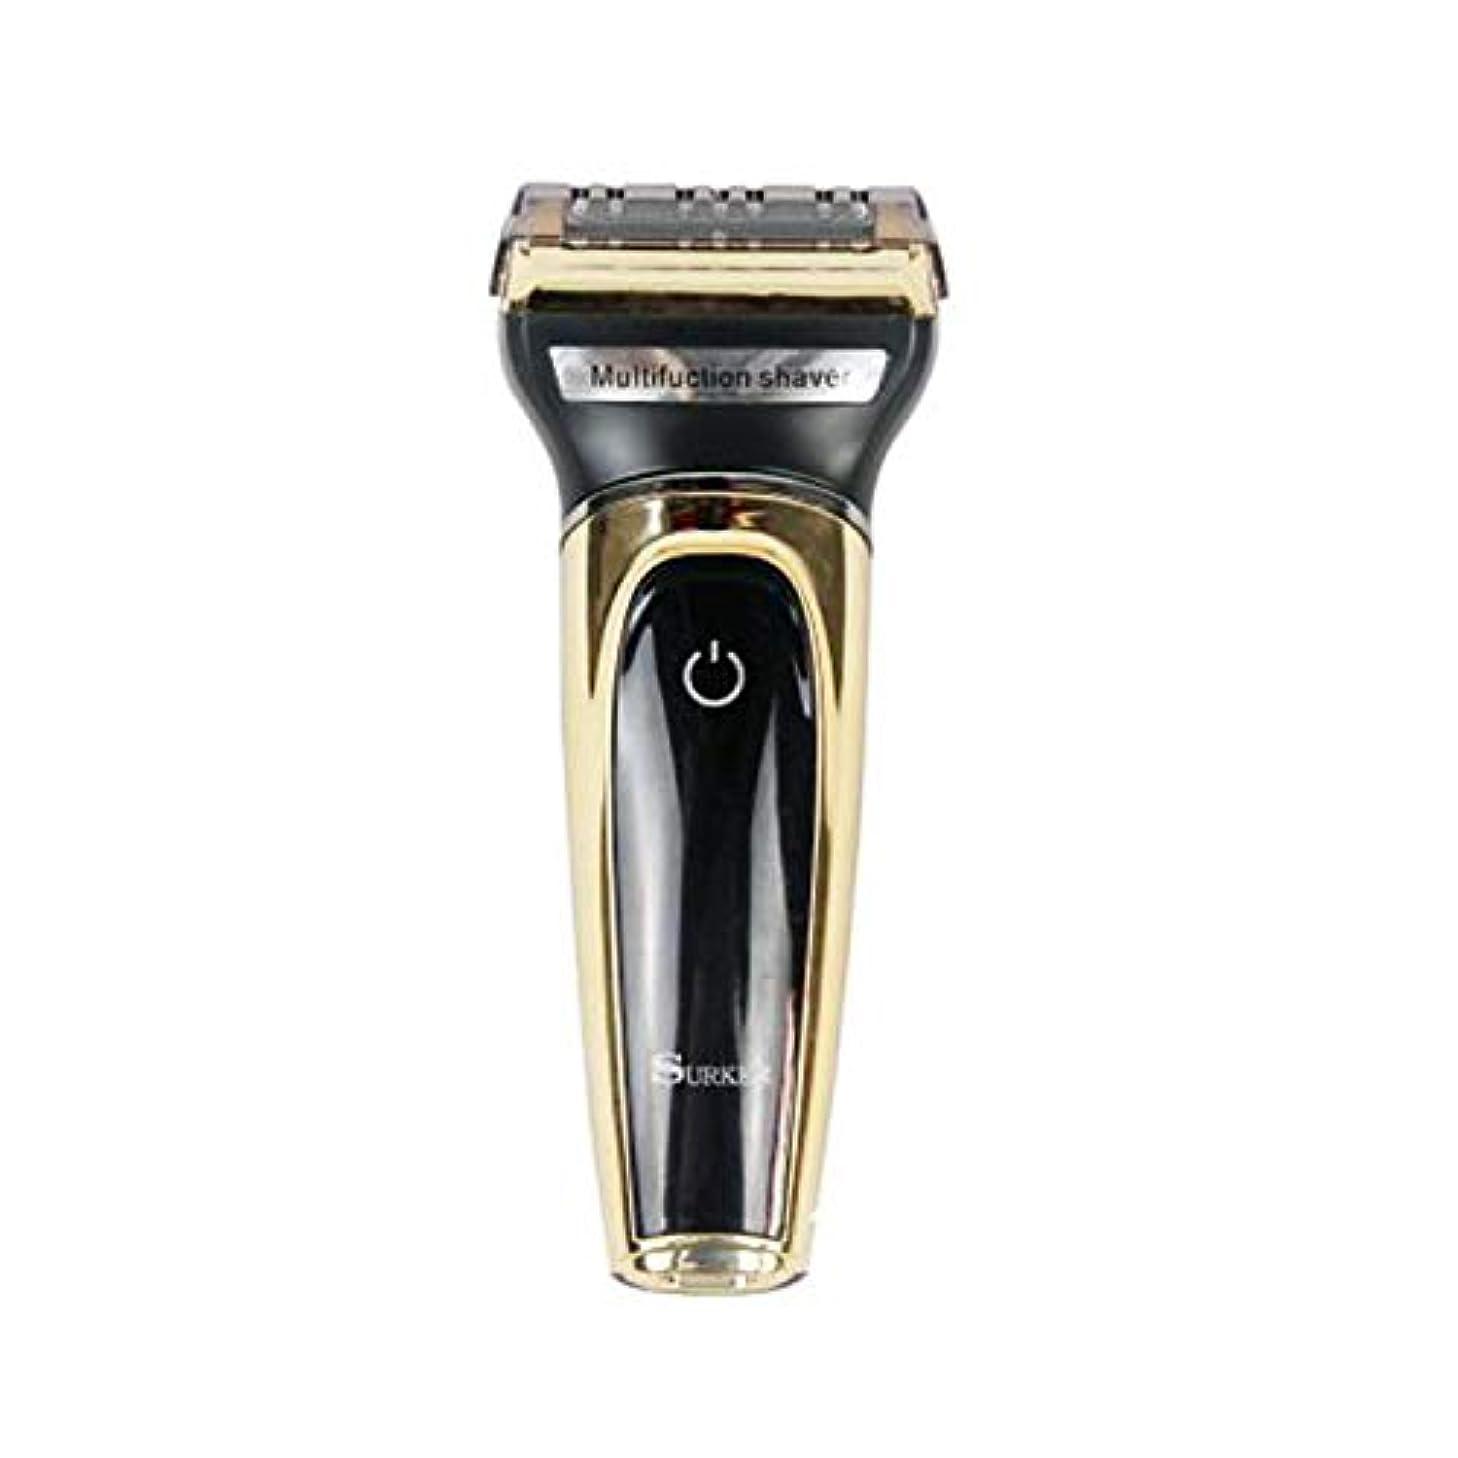 スリッパバーストエステートシェーバー 電動シェーバー メンズ 電気シェーバー 髭剃り 3枚刃 一台四役 水洗い可 お風呂剃り可 髭剃り USB 快速充電 敏感肌用モデル LEDディスプレイ 乾湿両用 鼻毛剃りなど